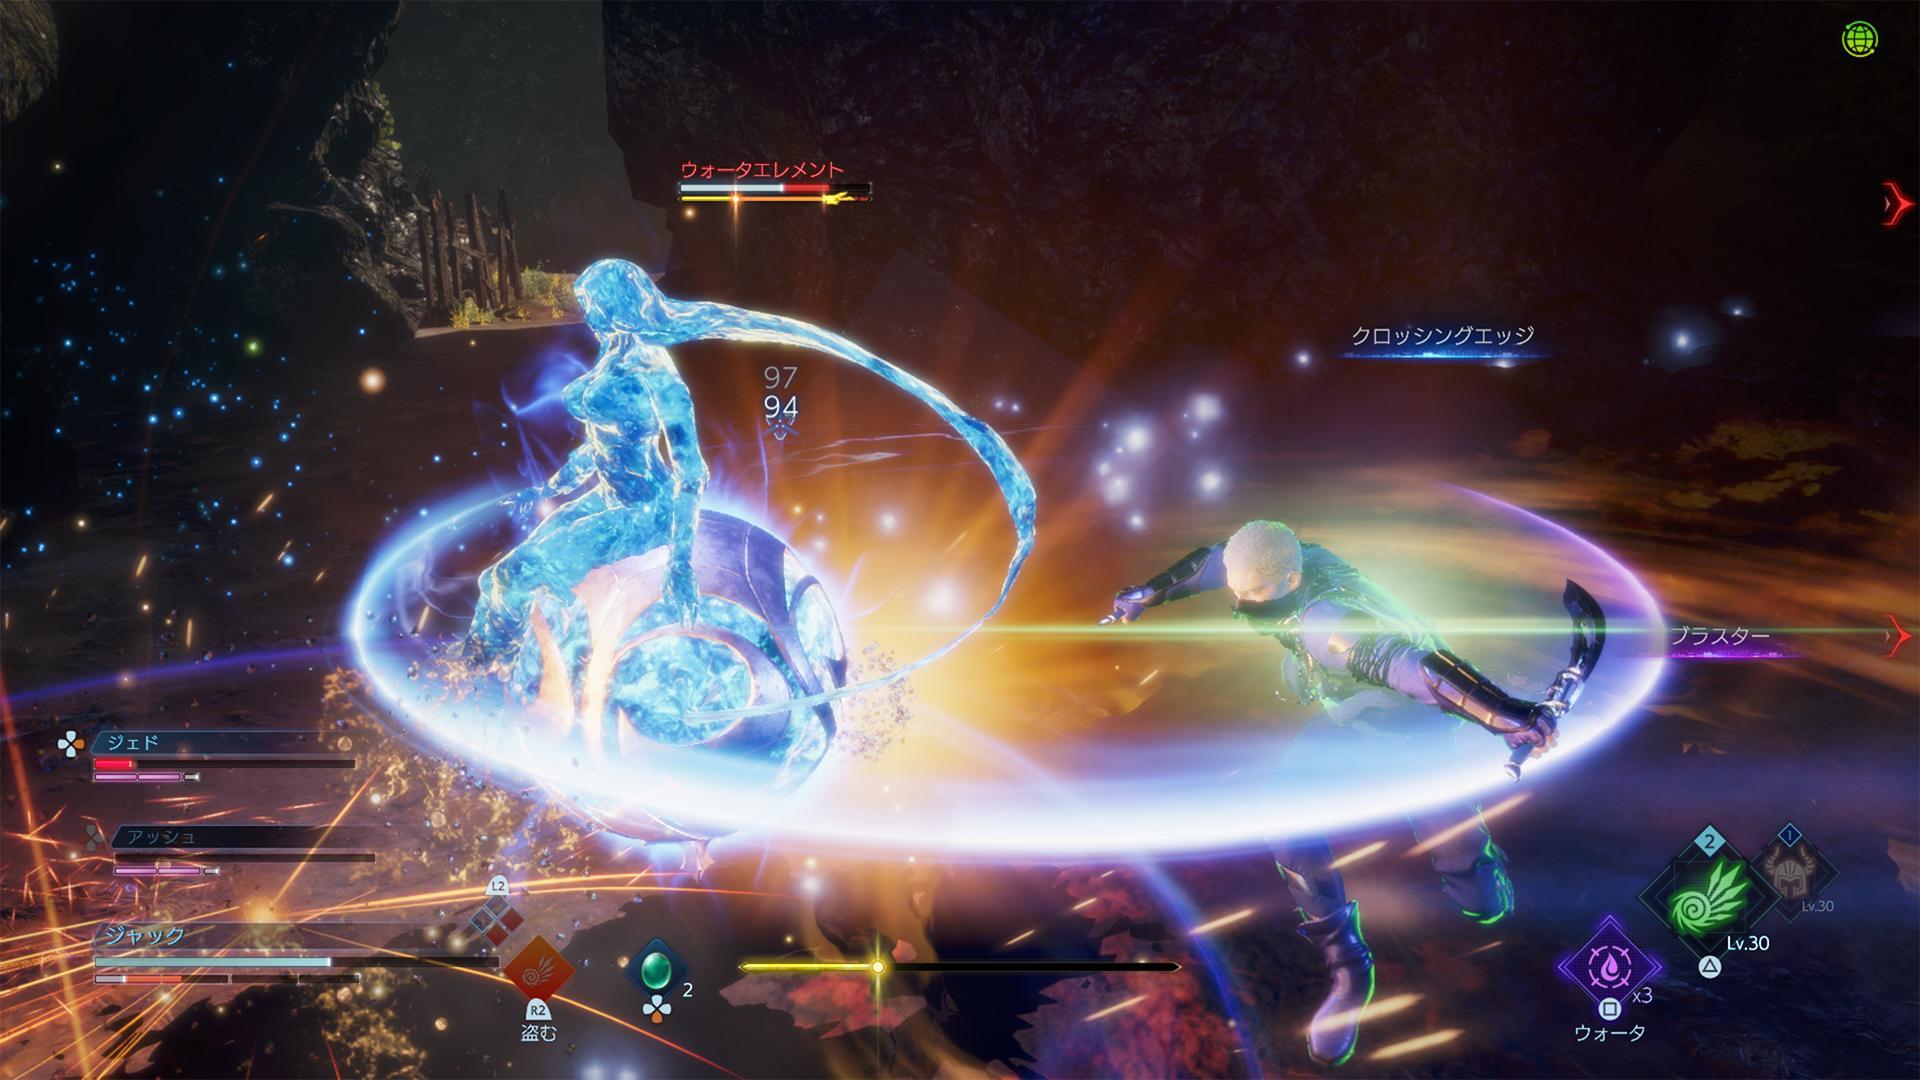 Боевая и ролевая системы, главные герои и мультиплеер в подробностях Stranger of Paradise: Final Fantasy Origin